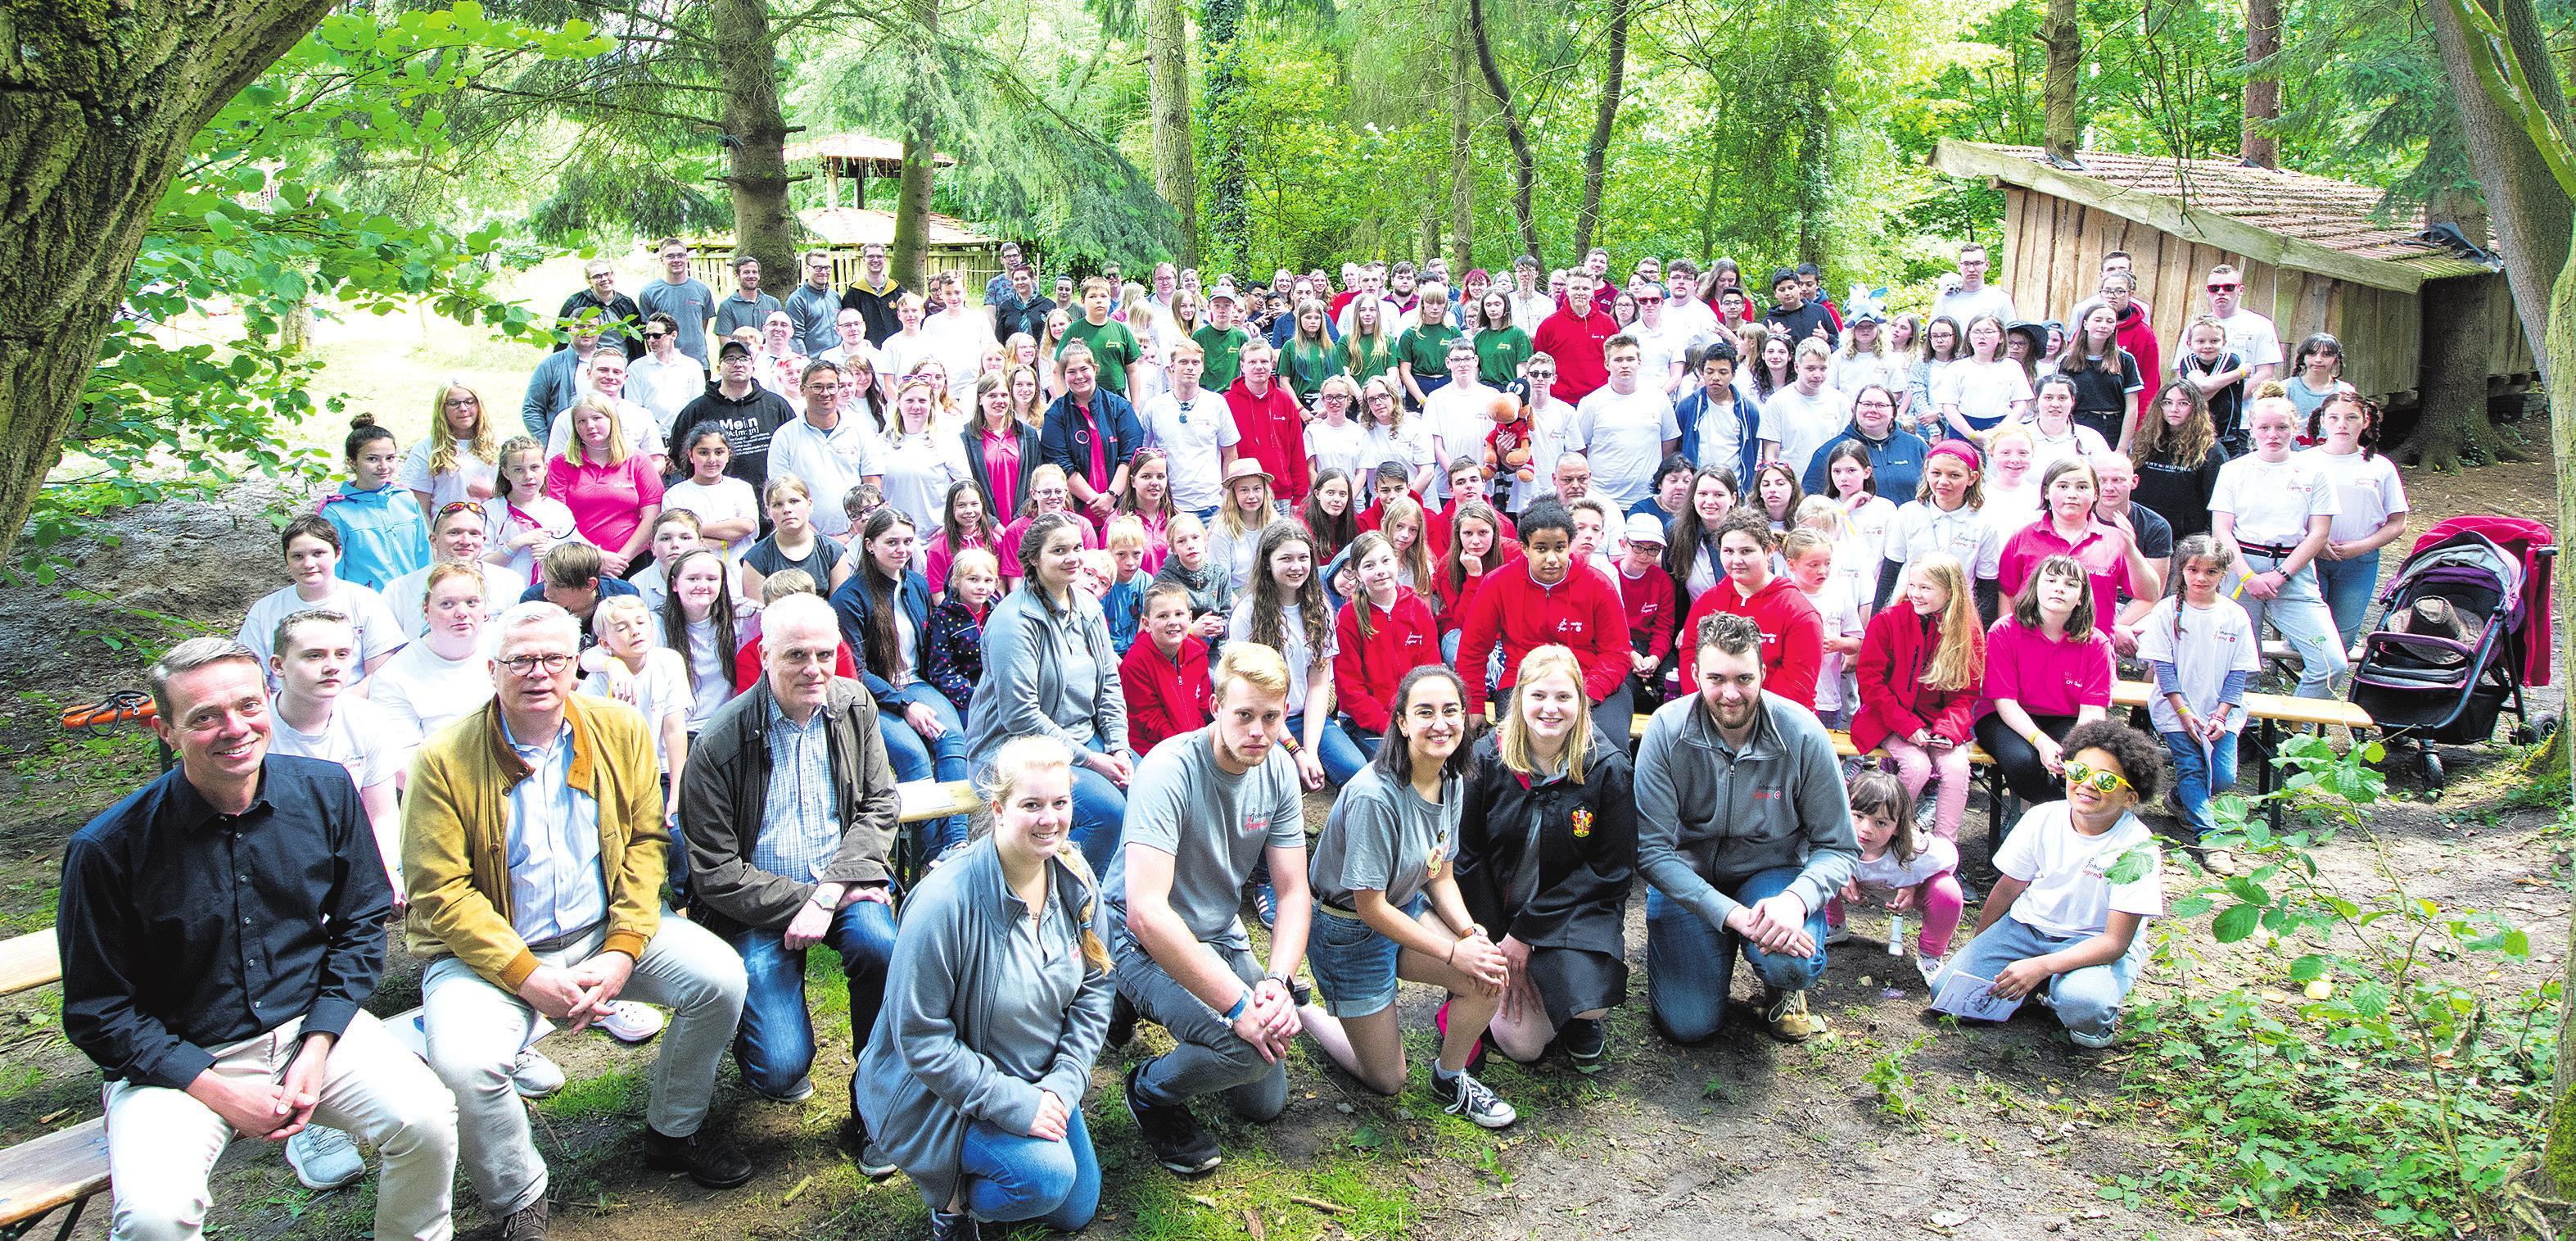 Unter den rund 240 Teilnehmern herrschte viel Freude beim diesjährigen Landeszeltlager der Johanniter-Jugend, das im Juni bei Großenkneten veranstaltet wurde. Foto: Anette Thanheiser/Johanniter